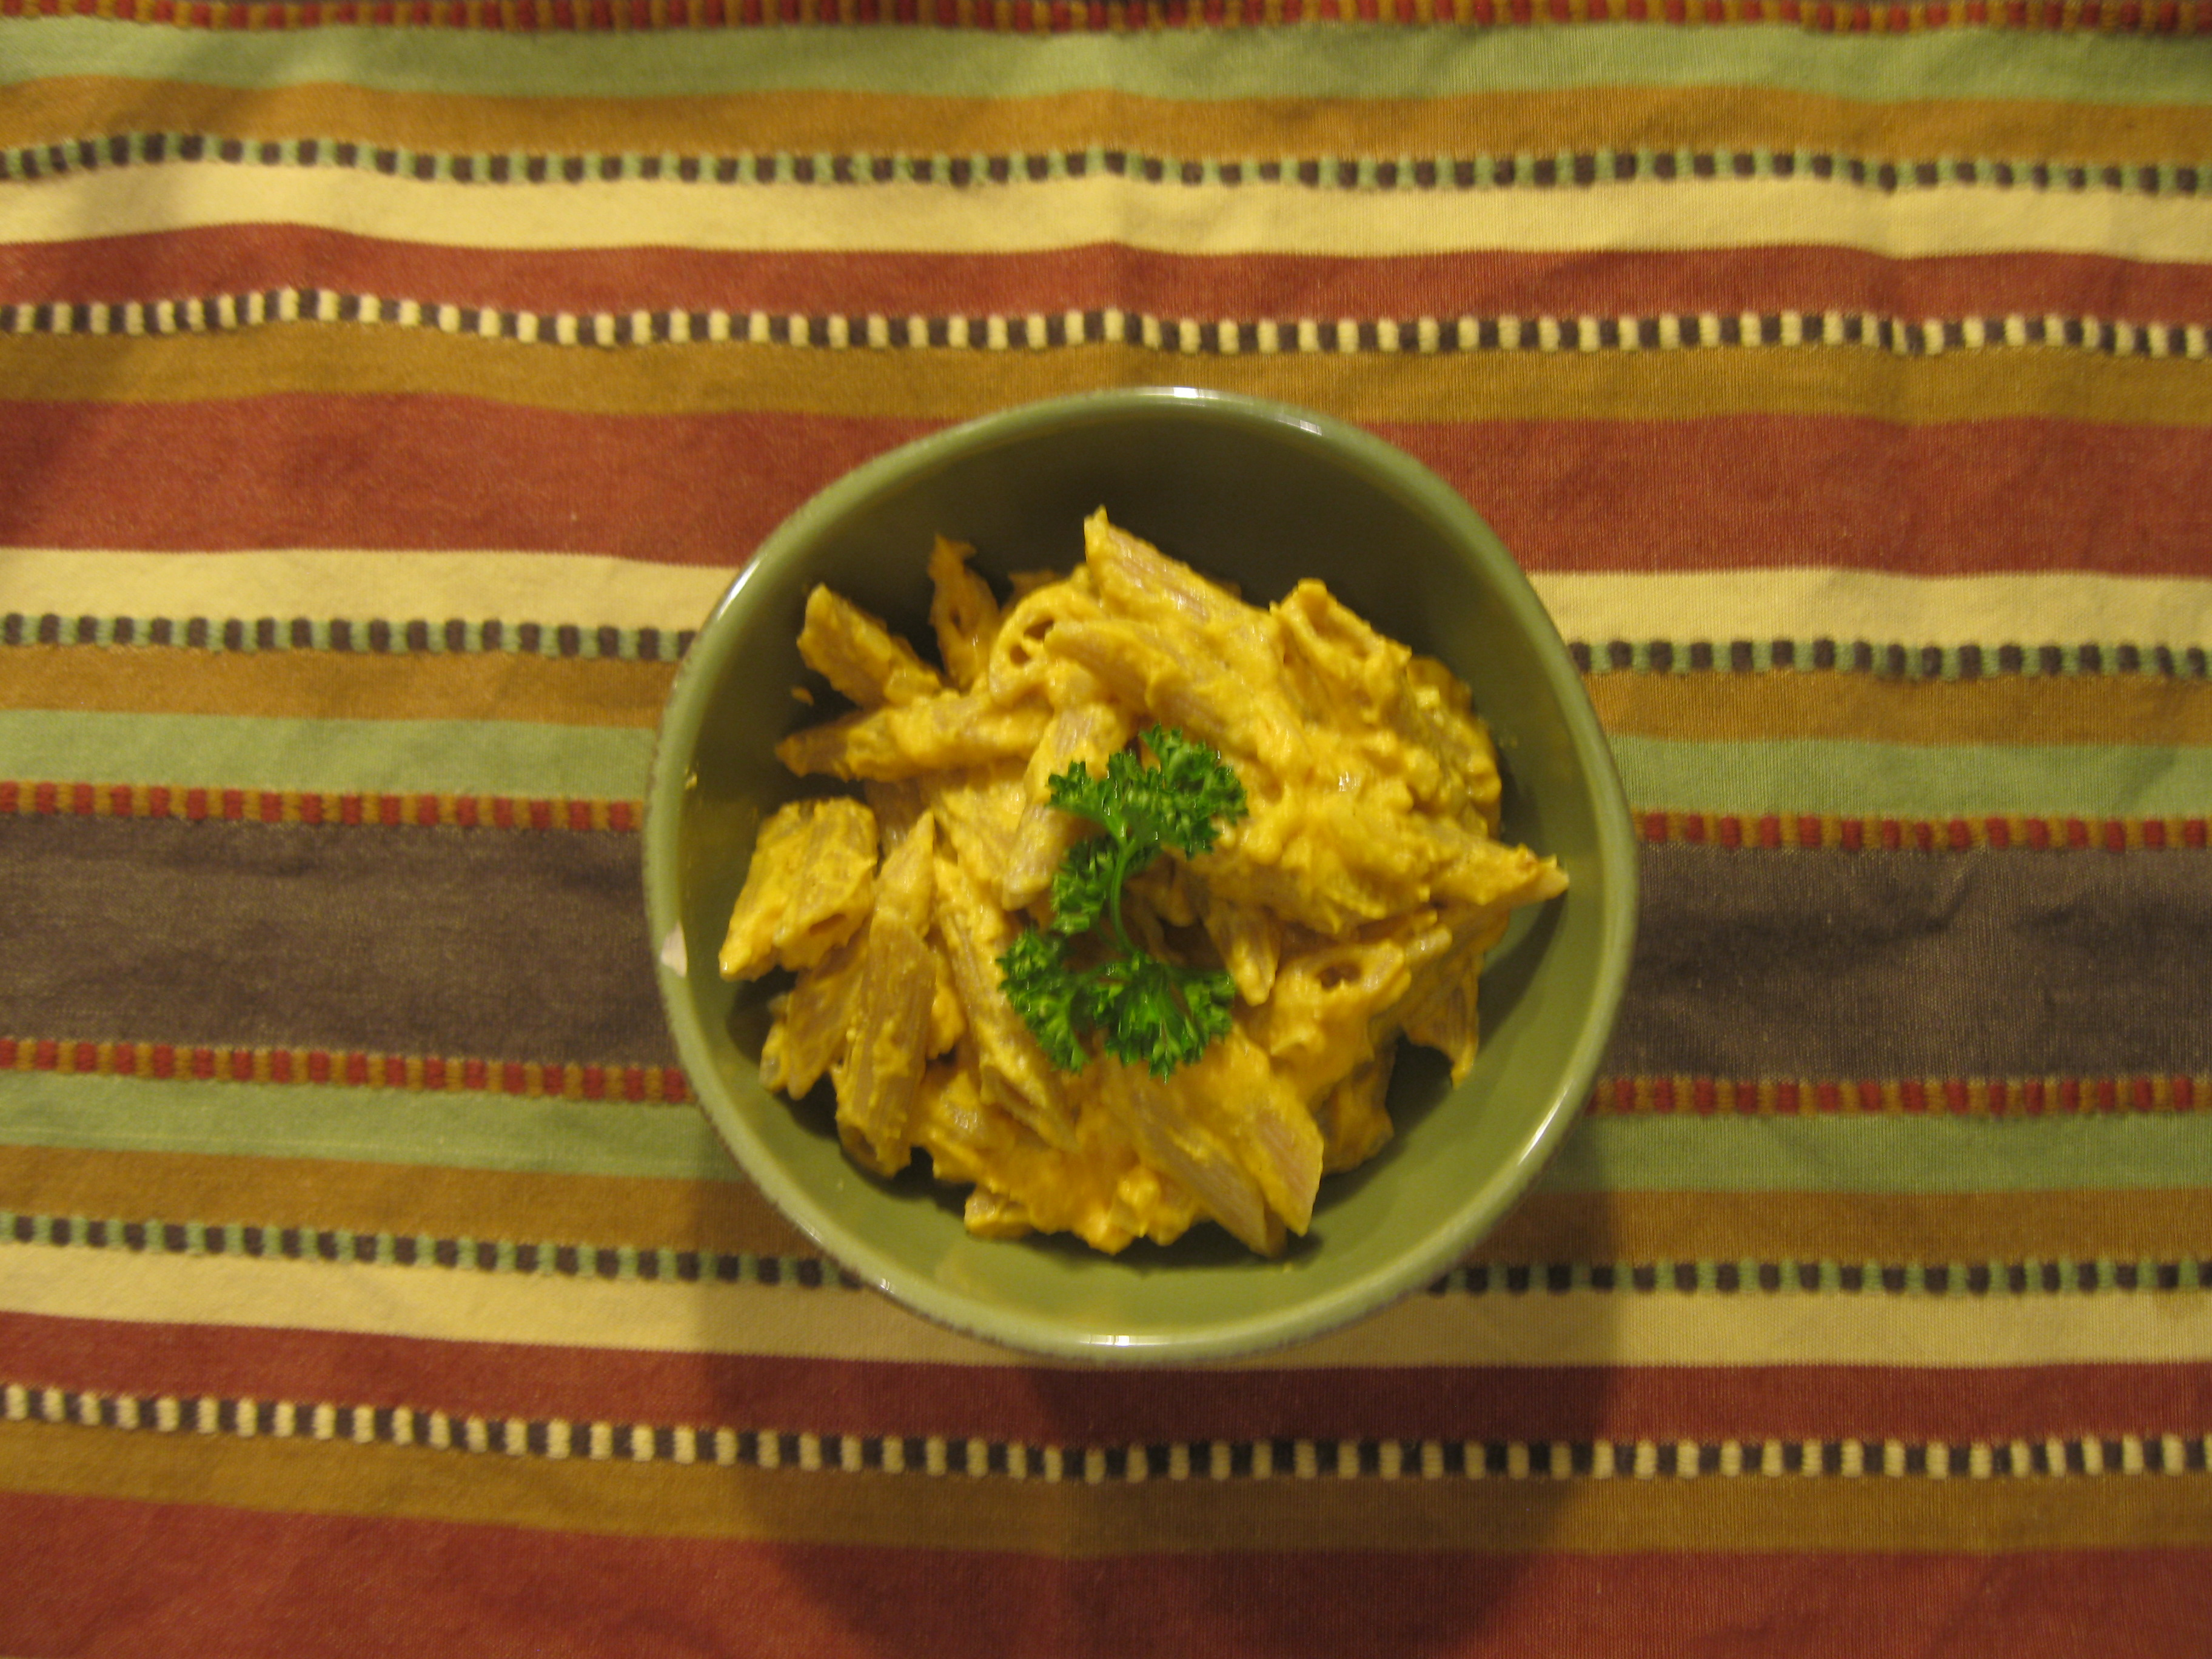 Recipe 12.2: Penne with Pumpkin Cream Sauce